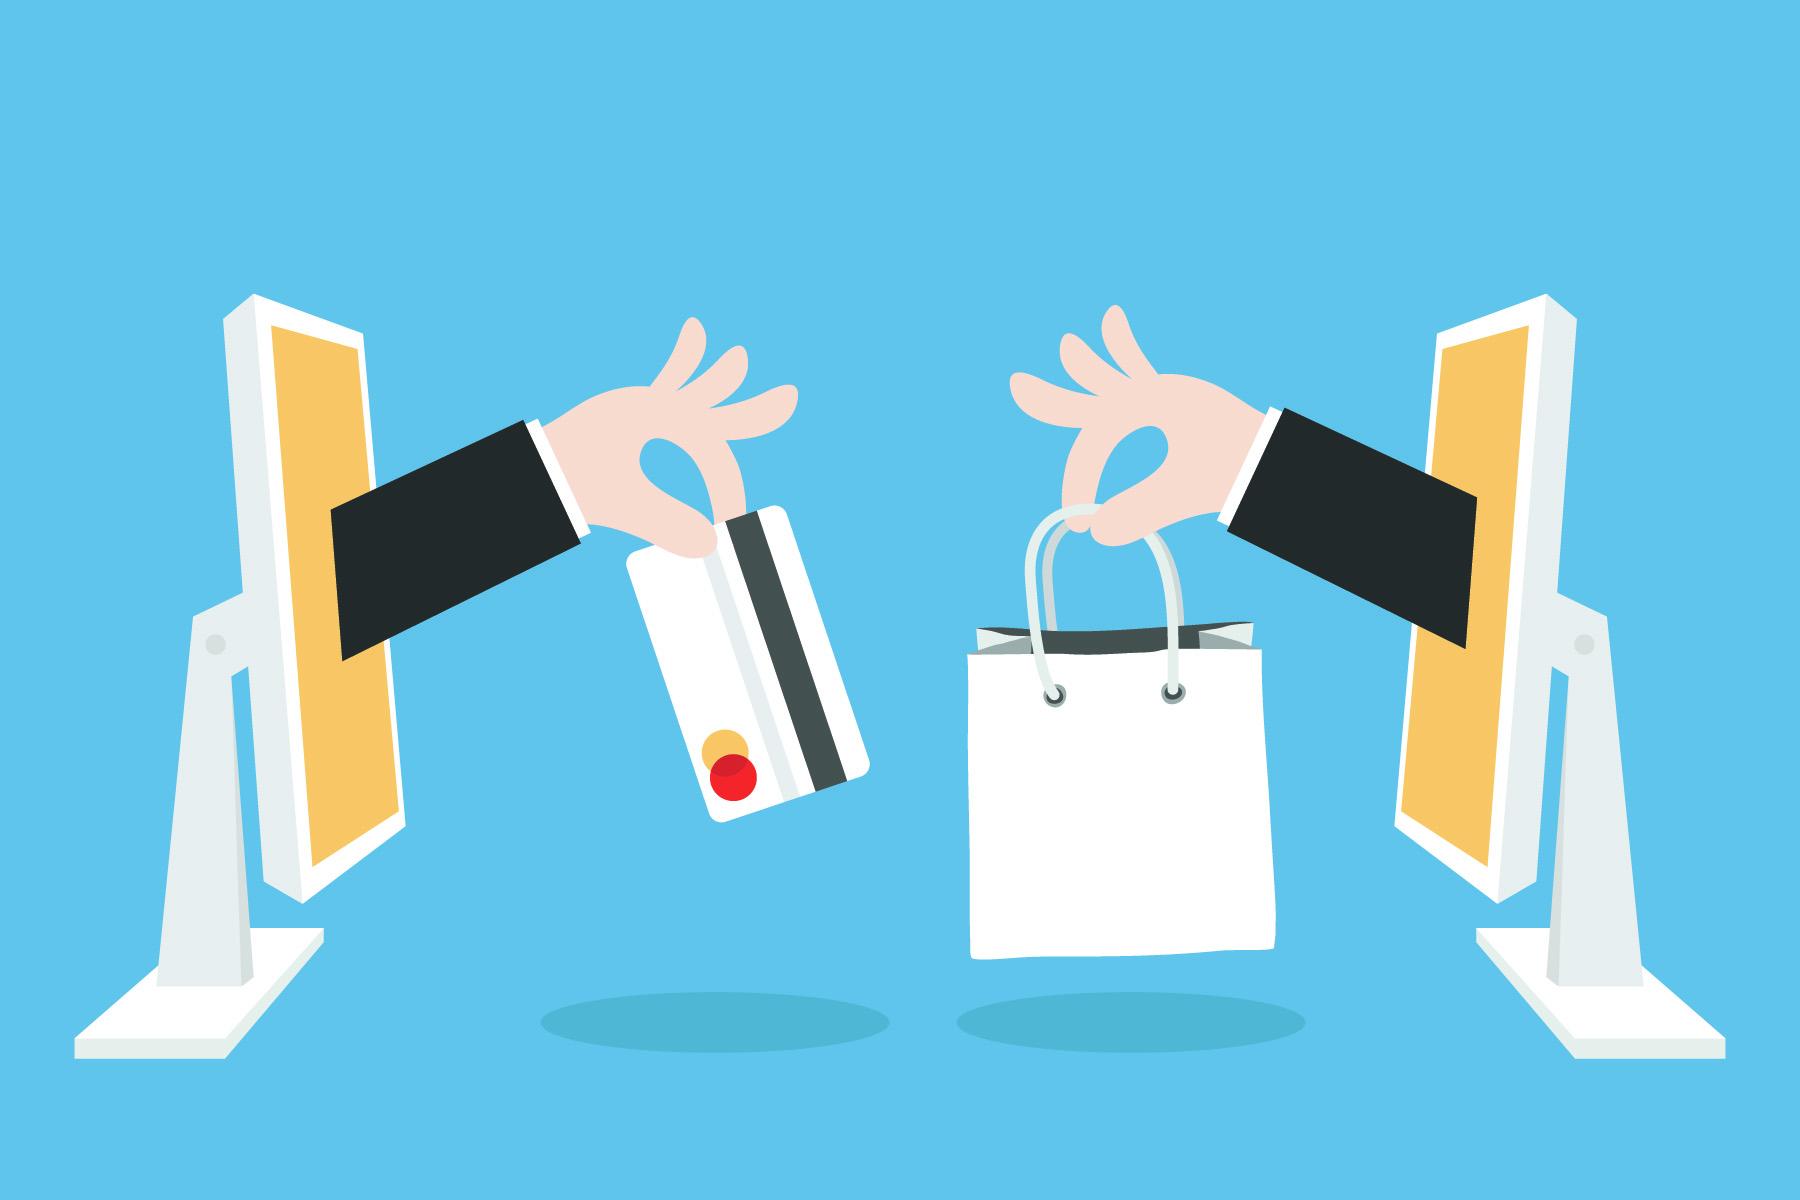 Quando a crise faz o empreendedor: vamos abrir uma loja virtual?